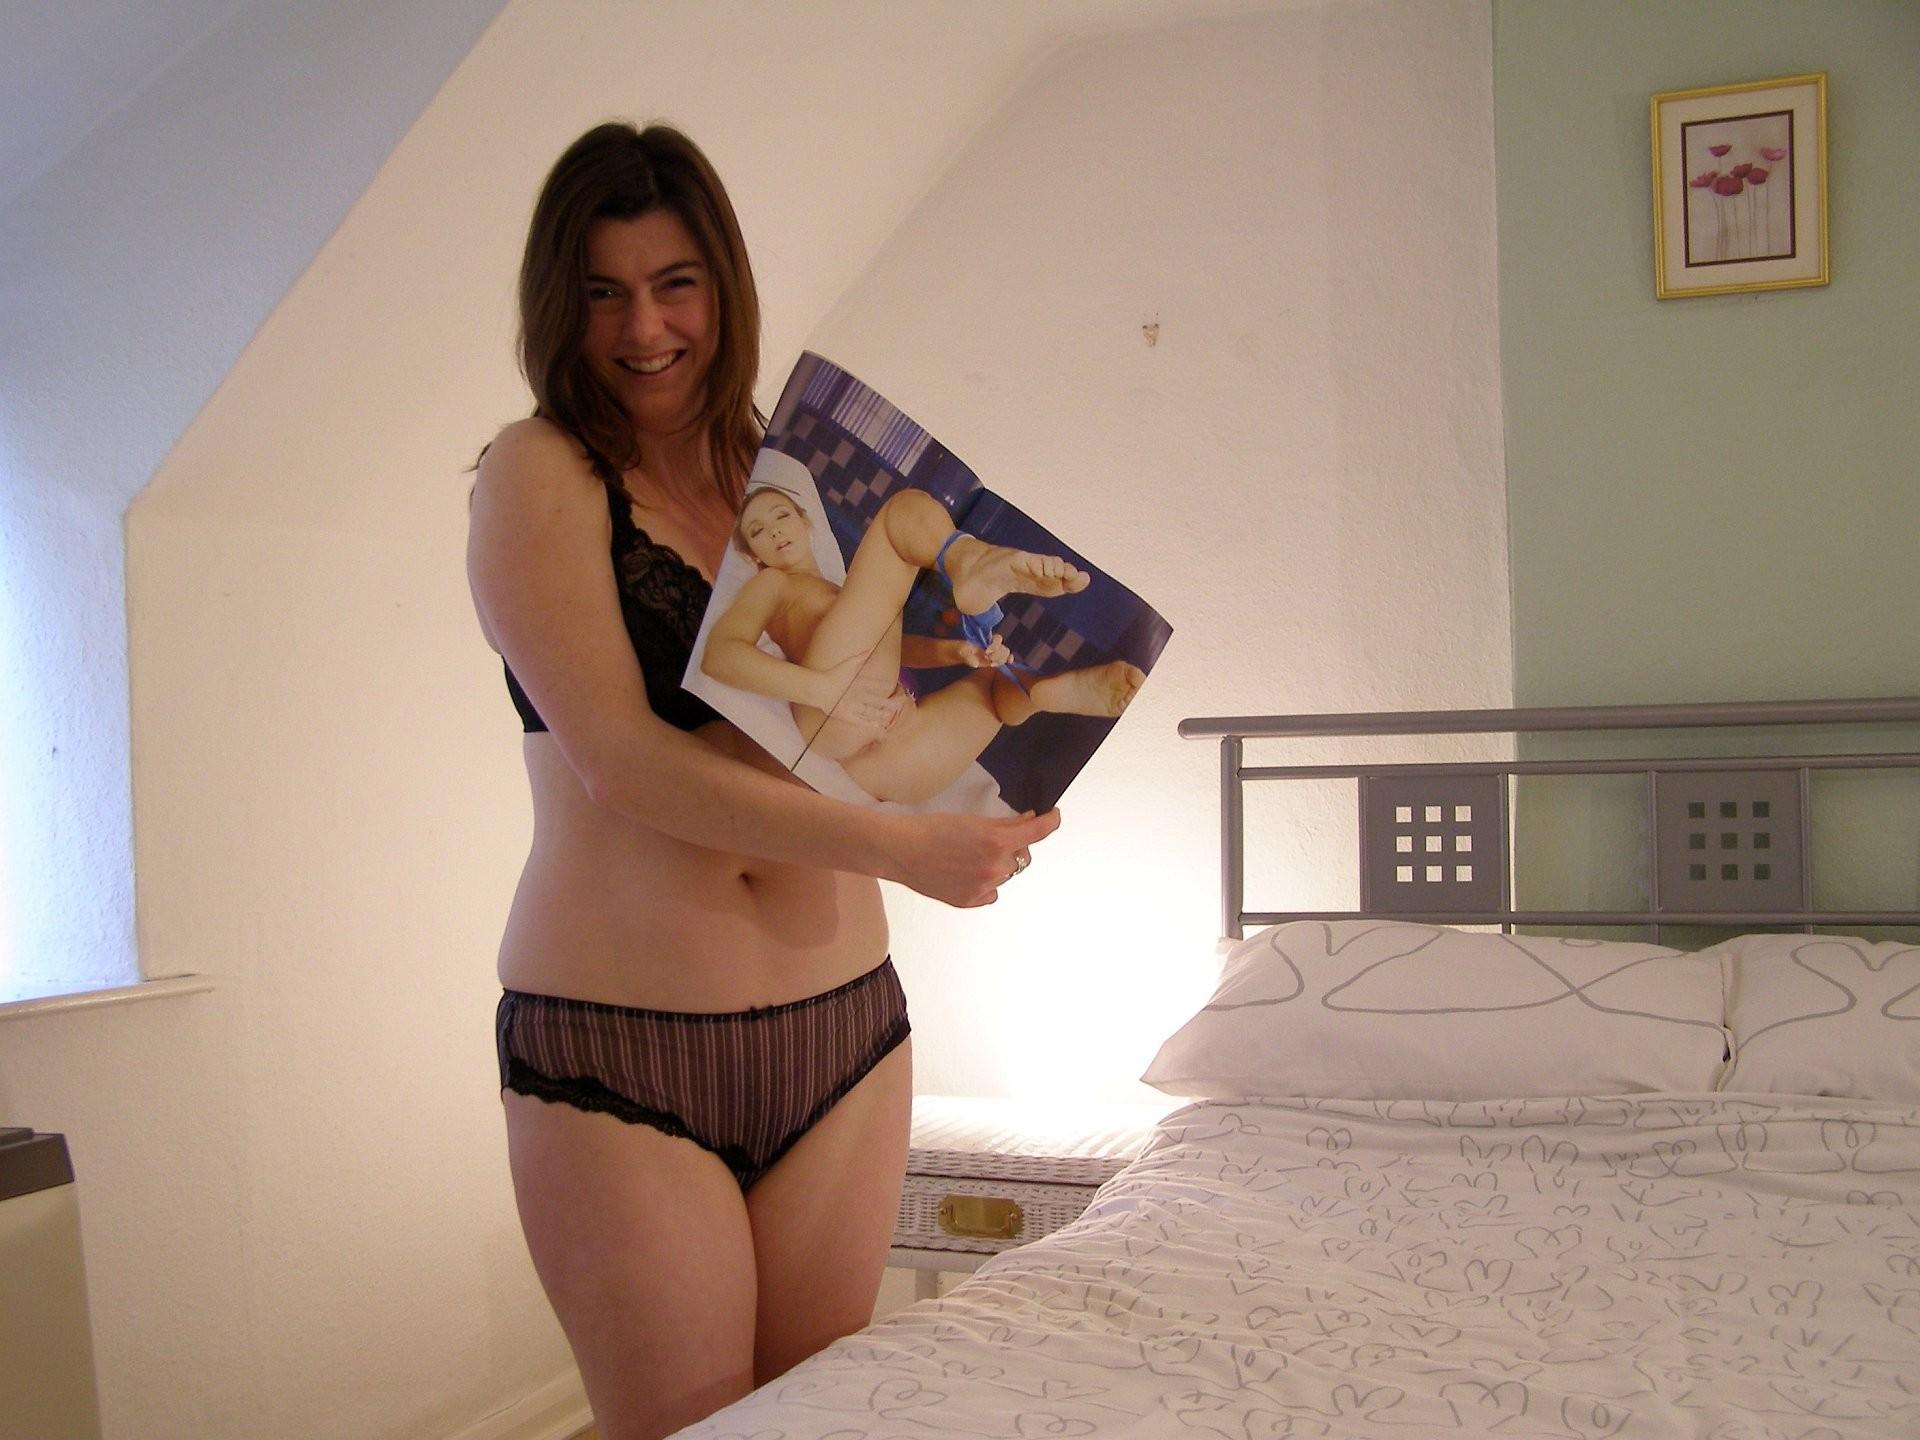 Женщины тоже смотрят порно - подборка 000